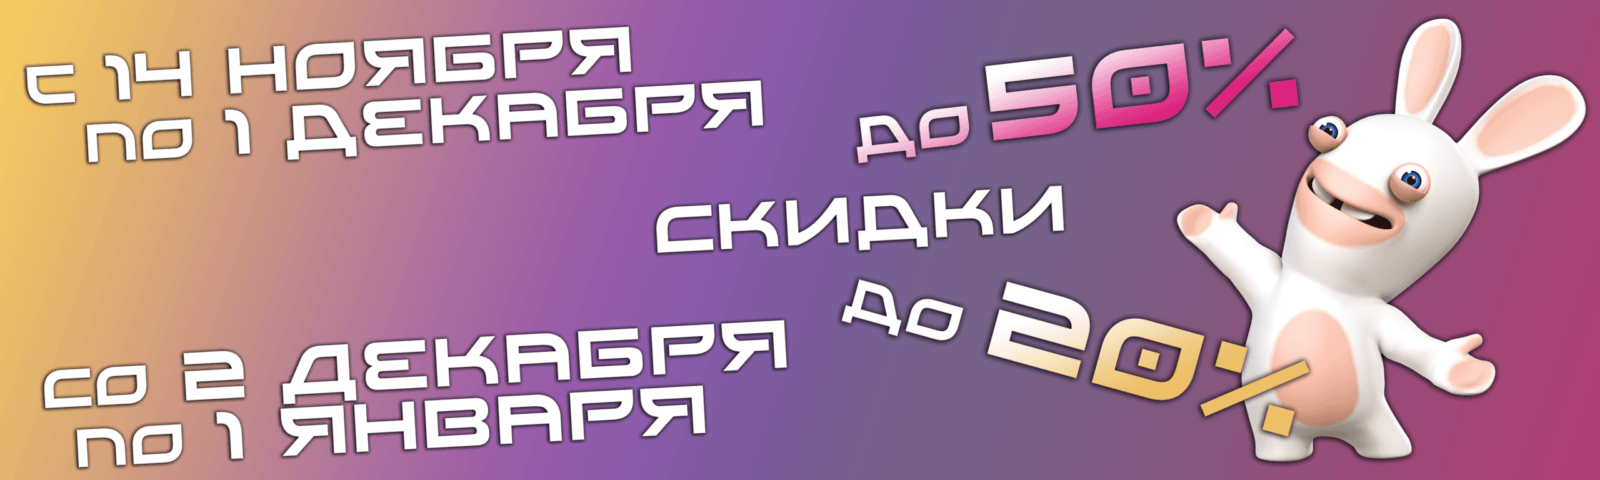 Распродажа, Скидки, Пиротехнический Двор Омск